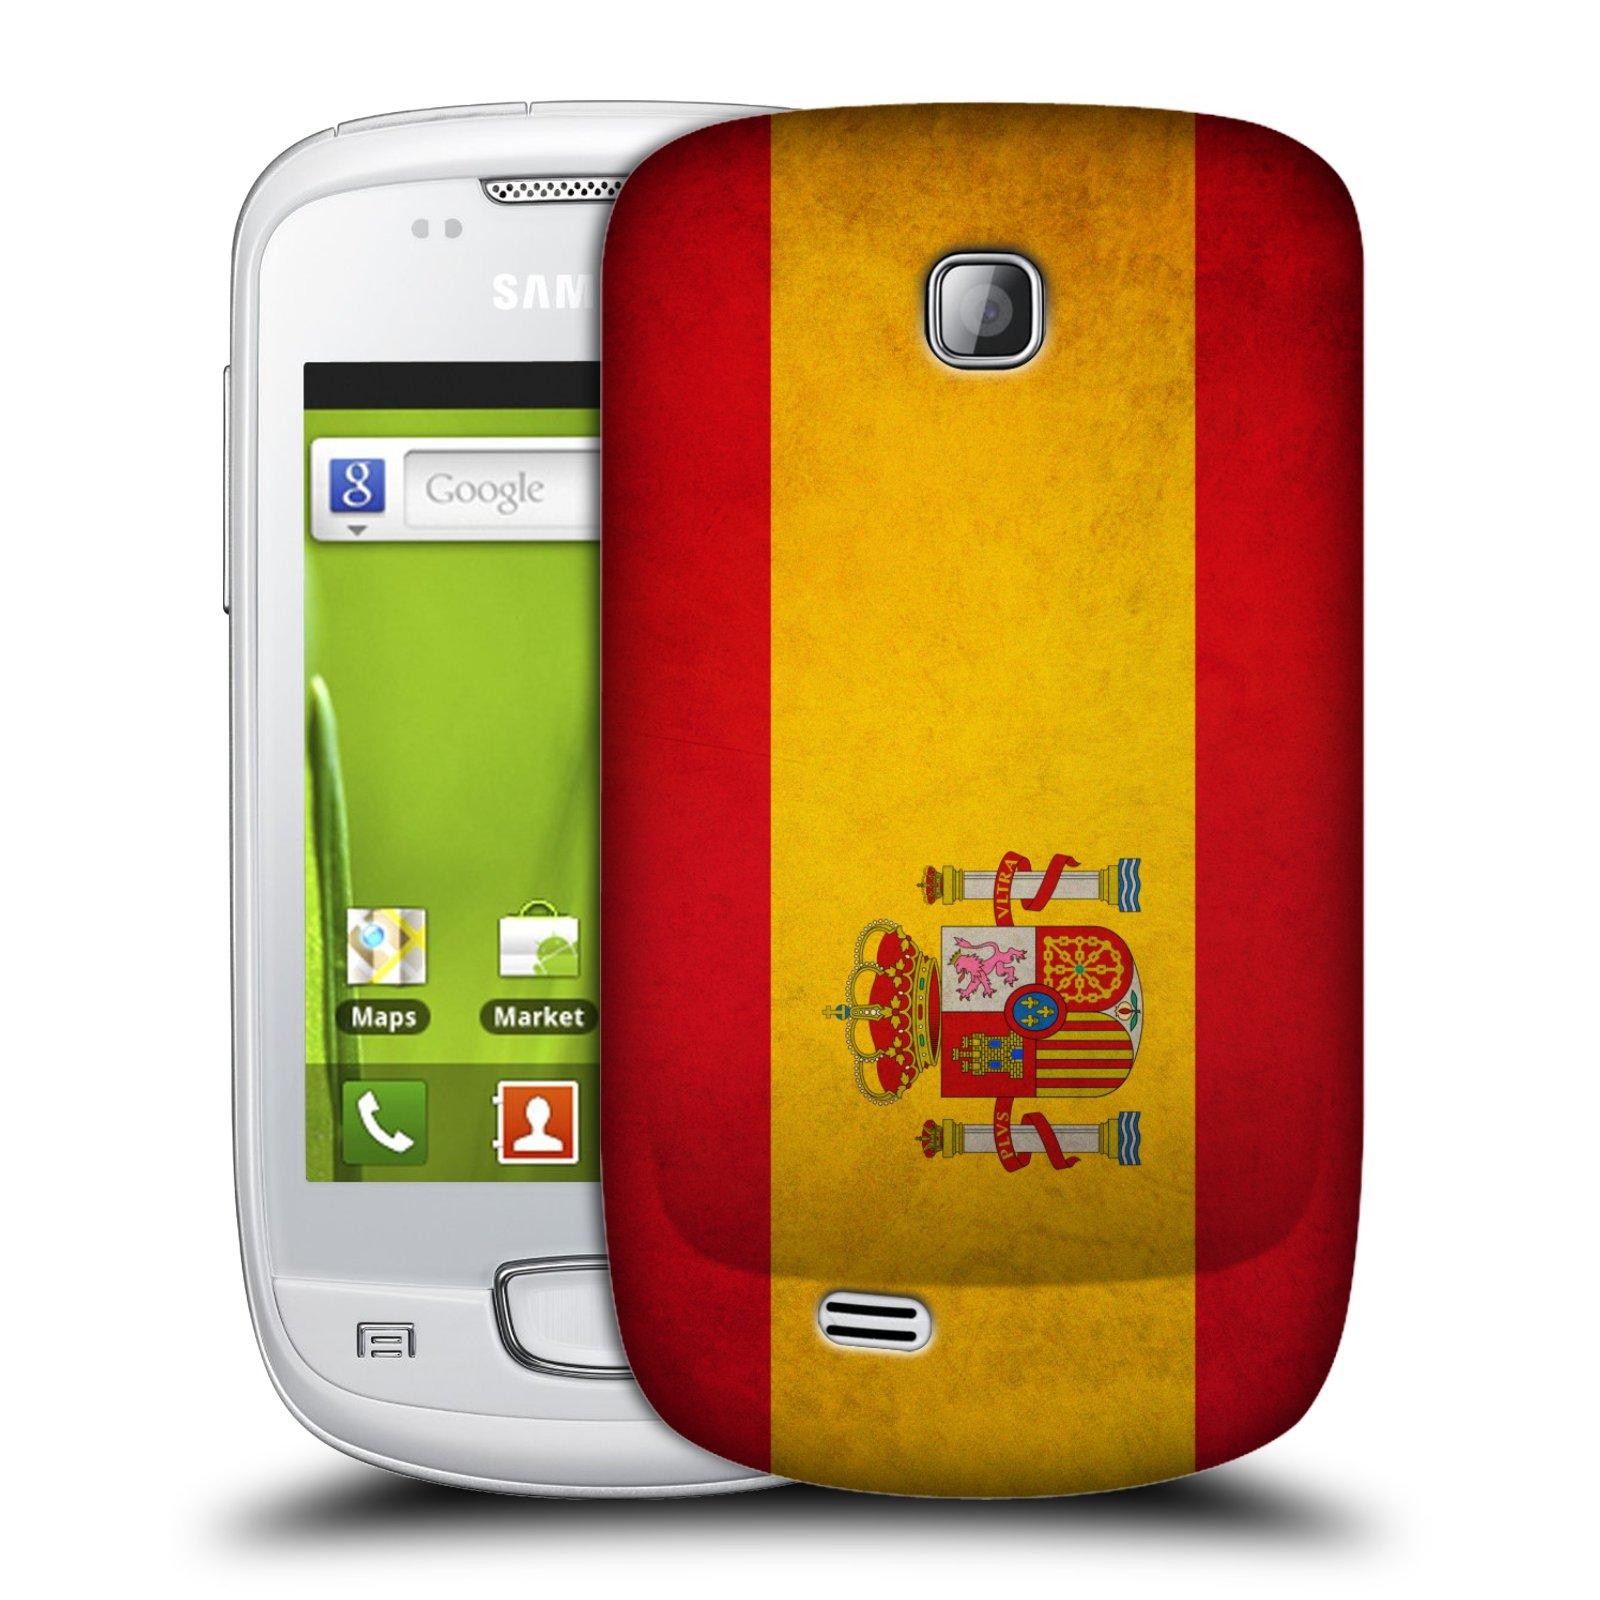 Plastové pouzdro na mobil Samsung Galaxy Mini HEAD CASE VLAJKA ŠPANĚLSKO (Kryt či obal na mobilní telefon Samsung Galaxy Mini GT-S5570 / GT-S5570i)